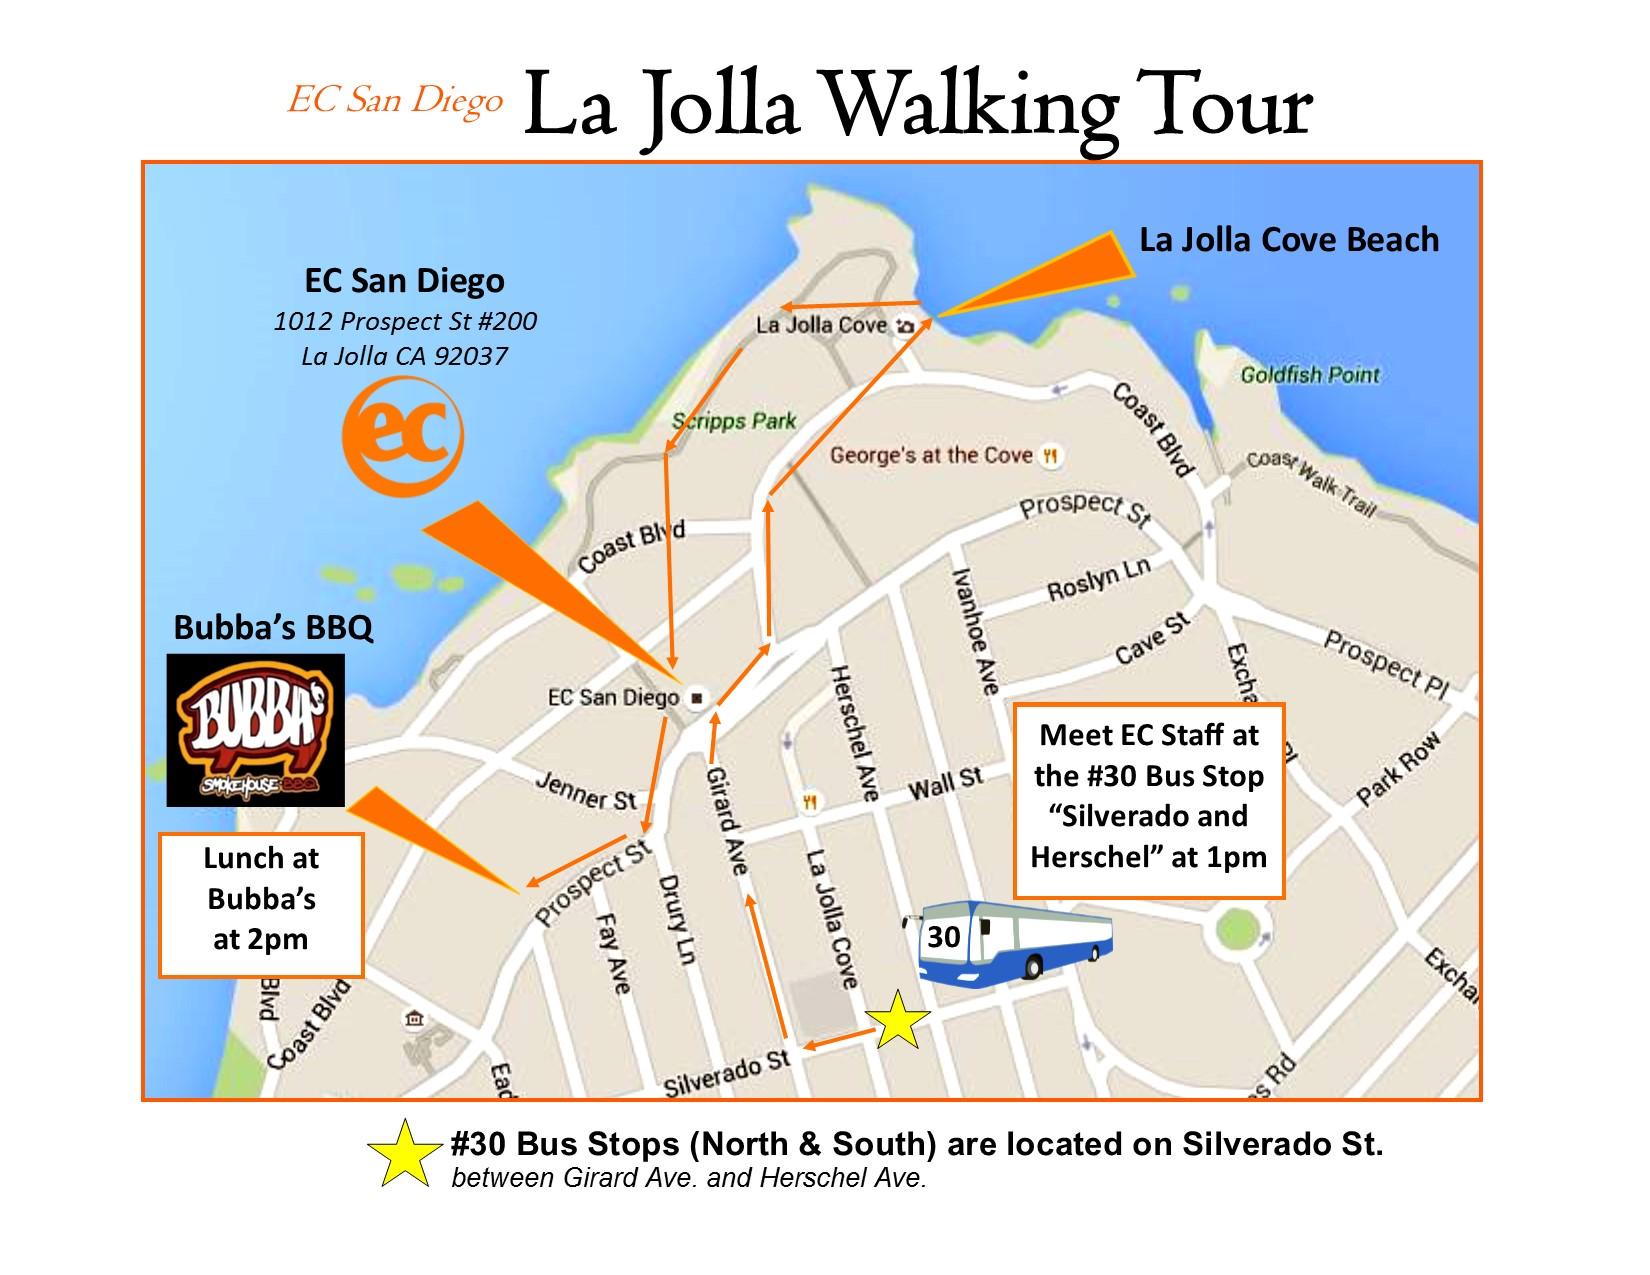 Walking Tour Map Of Dc